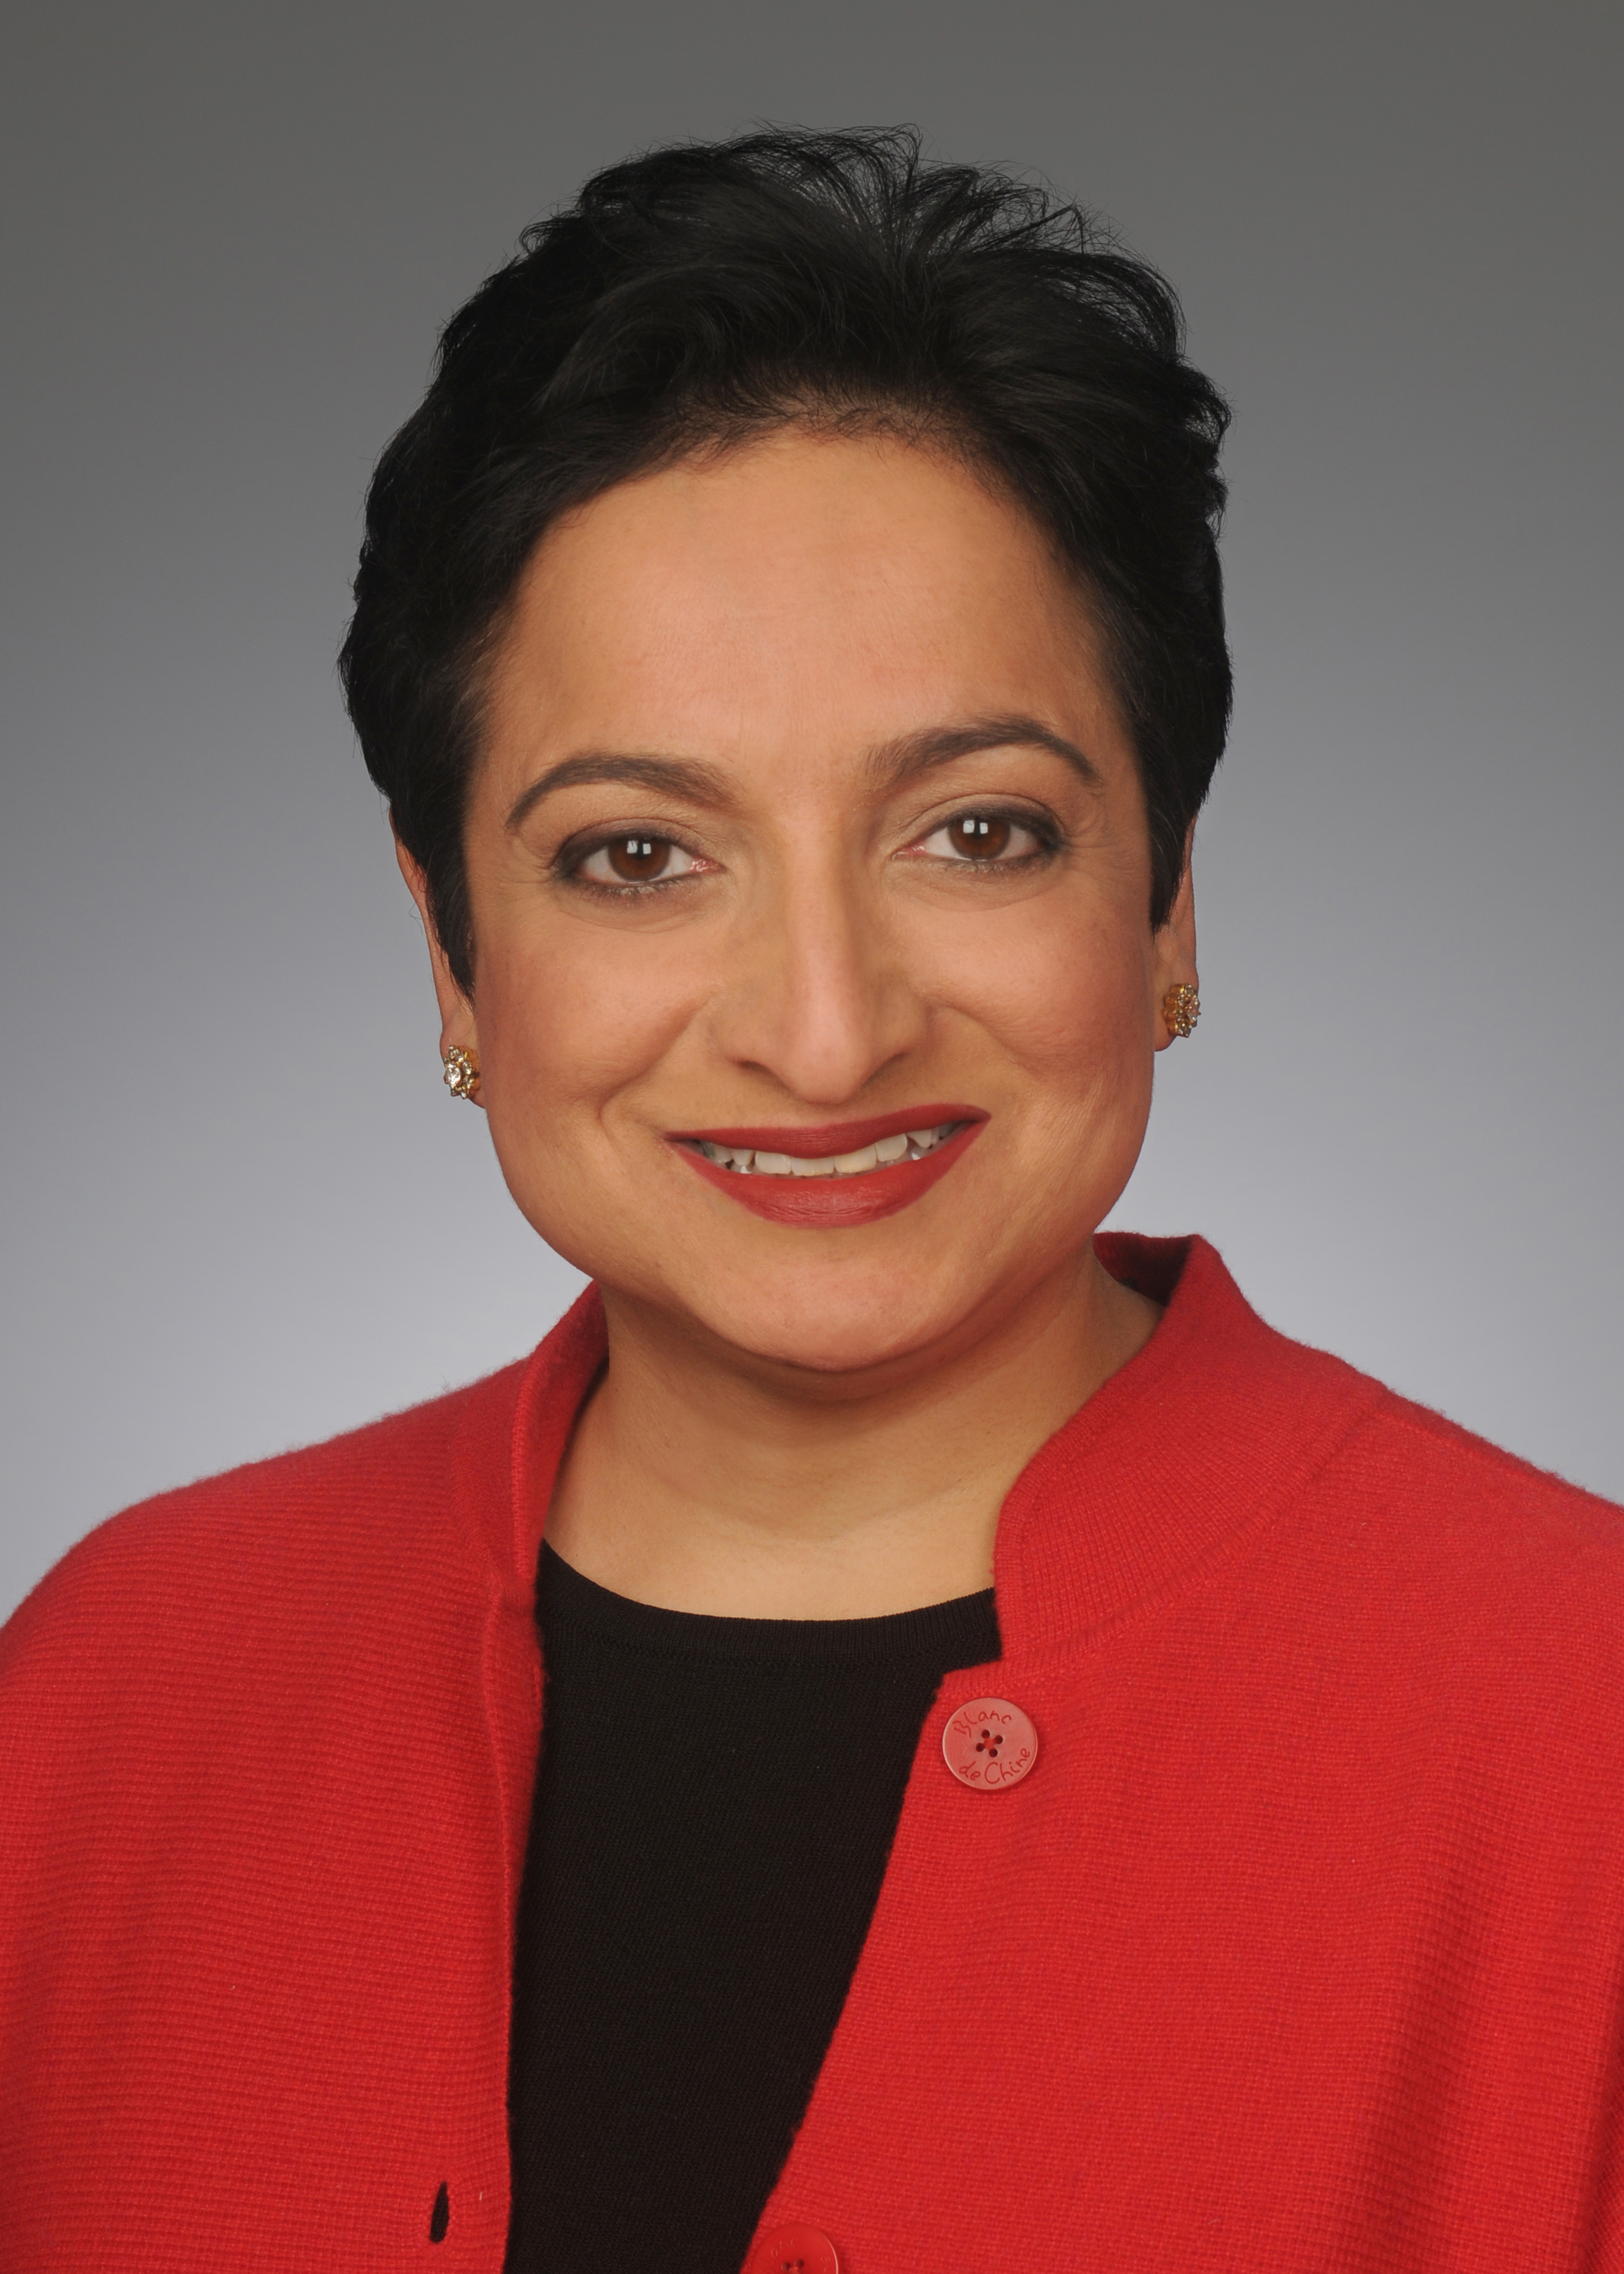 Head shot of Shamina Singh